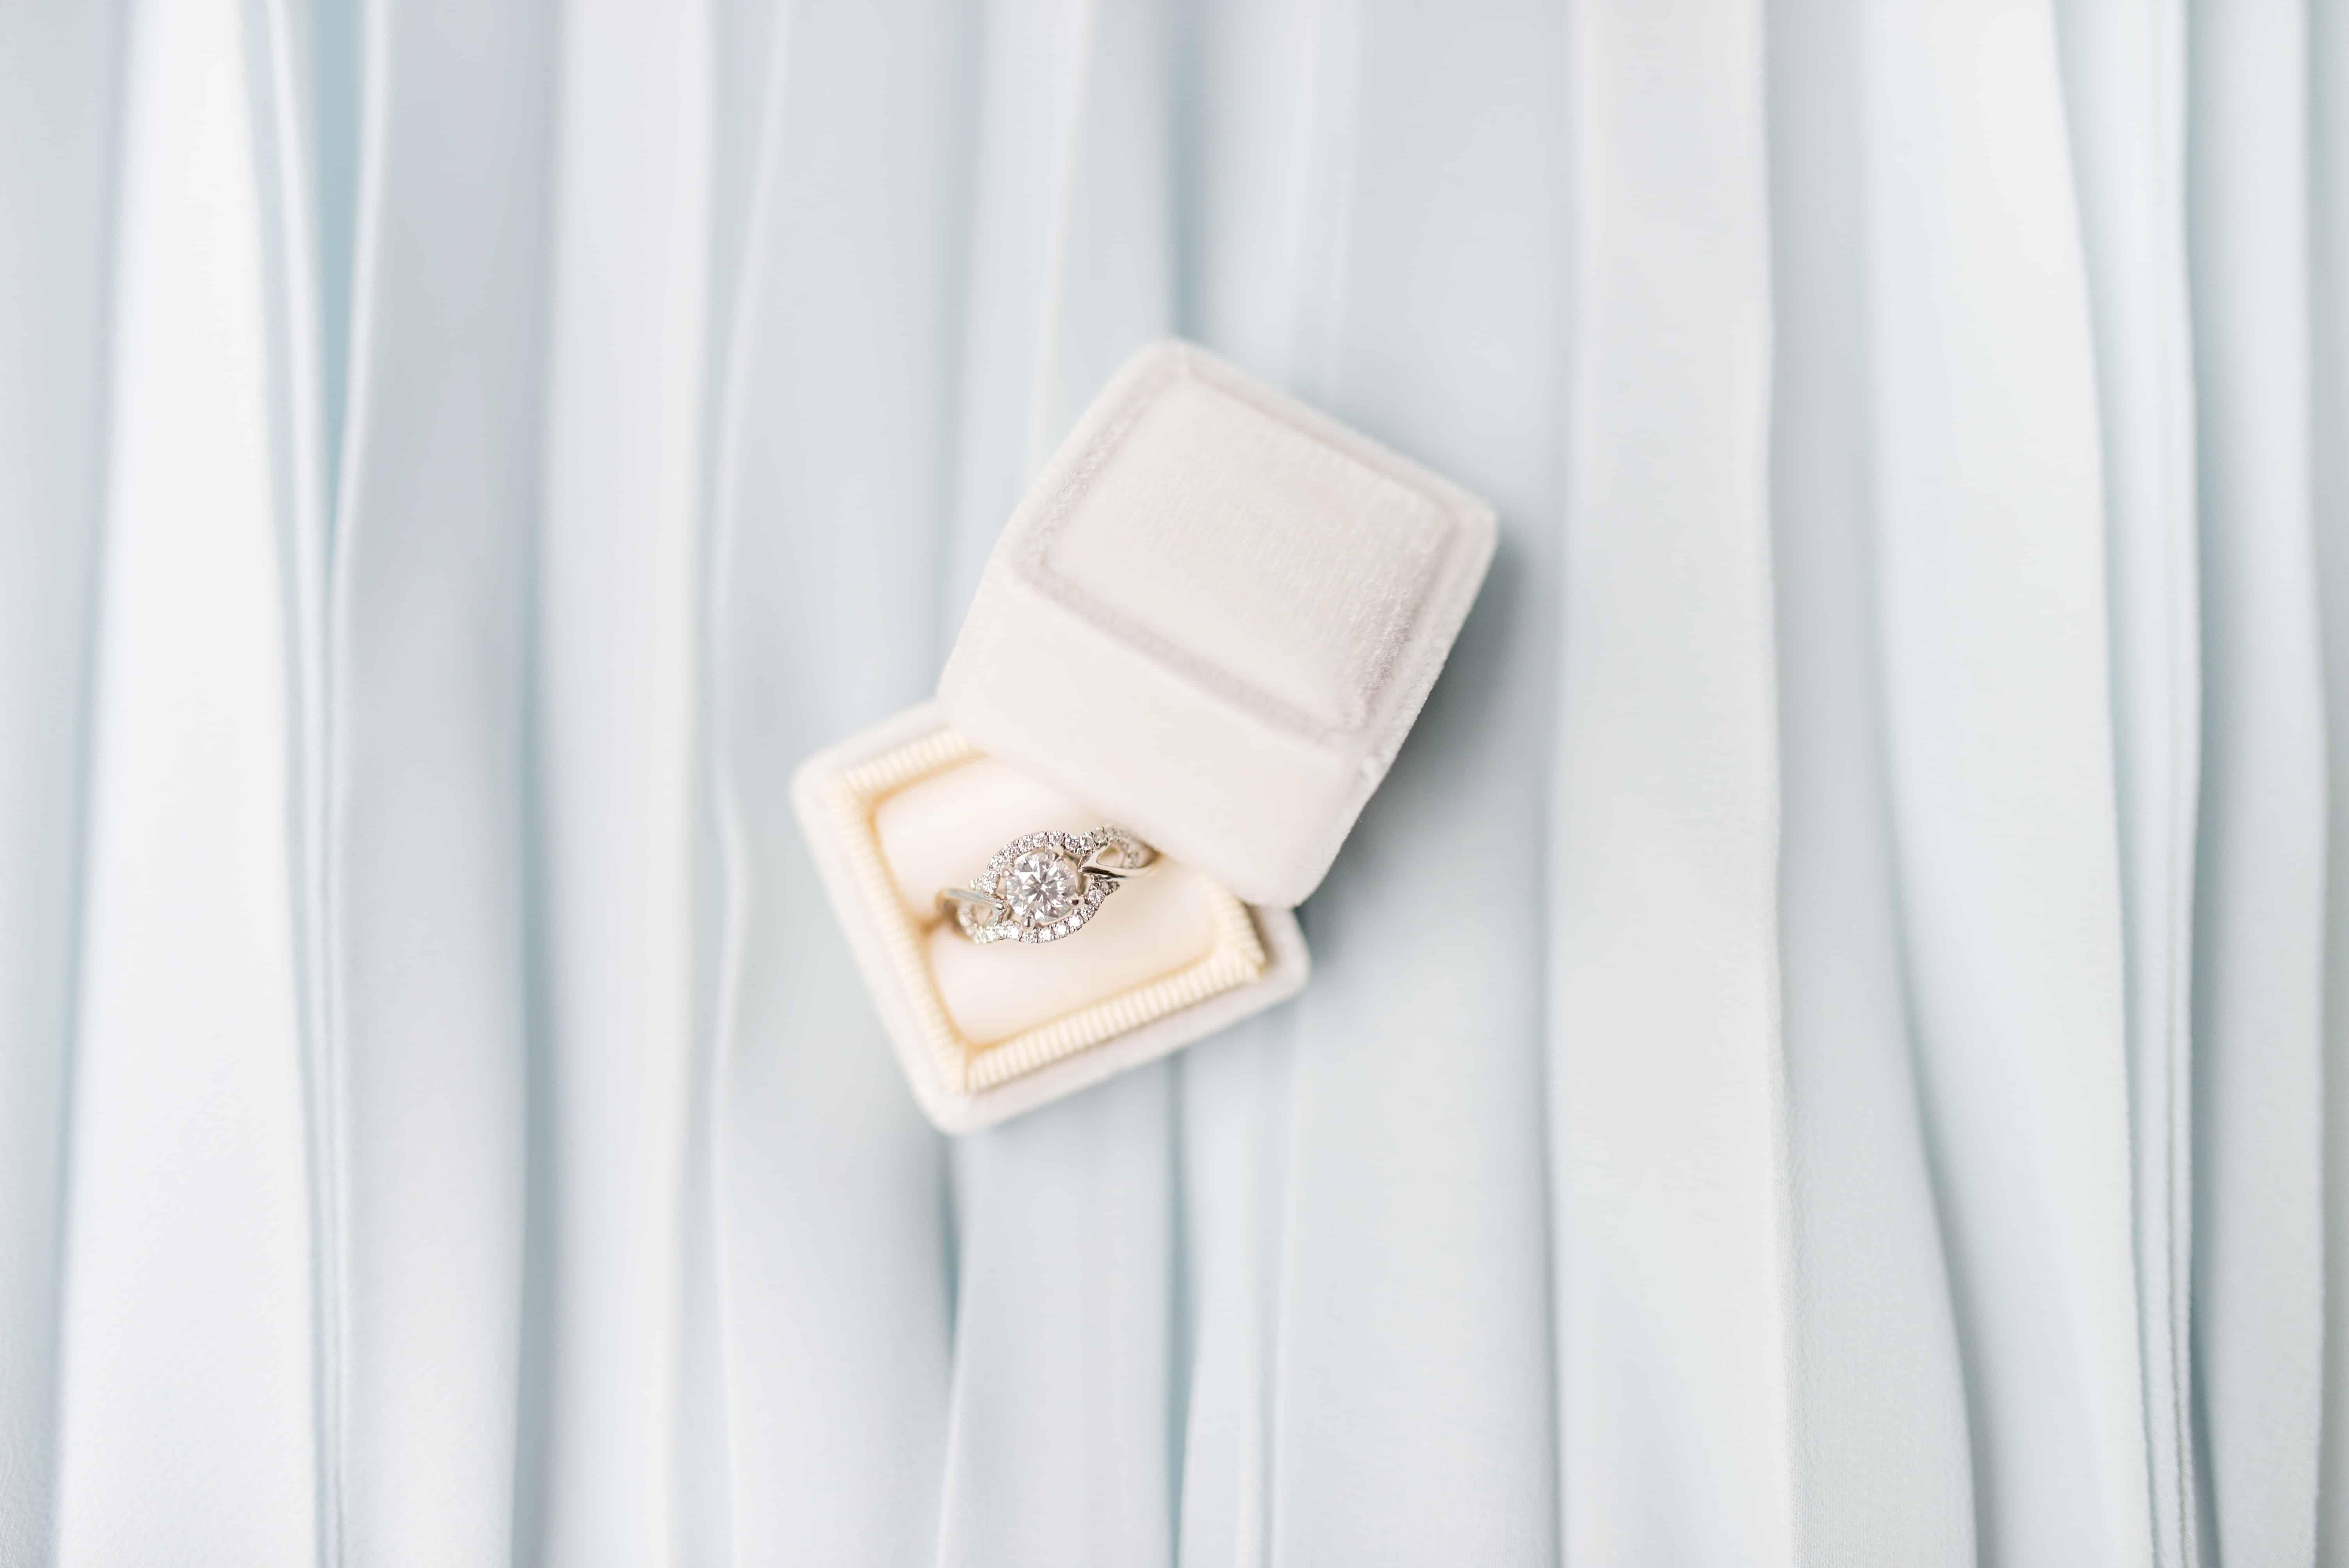 Złoty-pierścionek-zaręczynowy-z-brylantami-w-ładnym-białym-pudełku